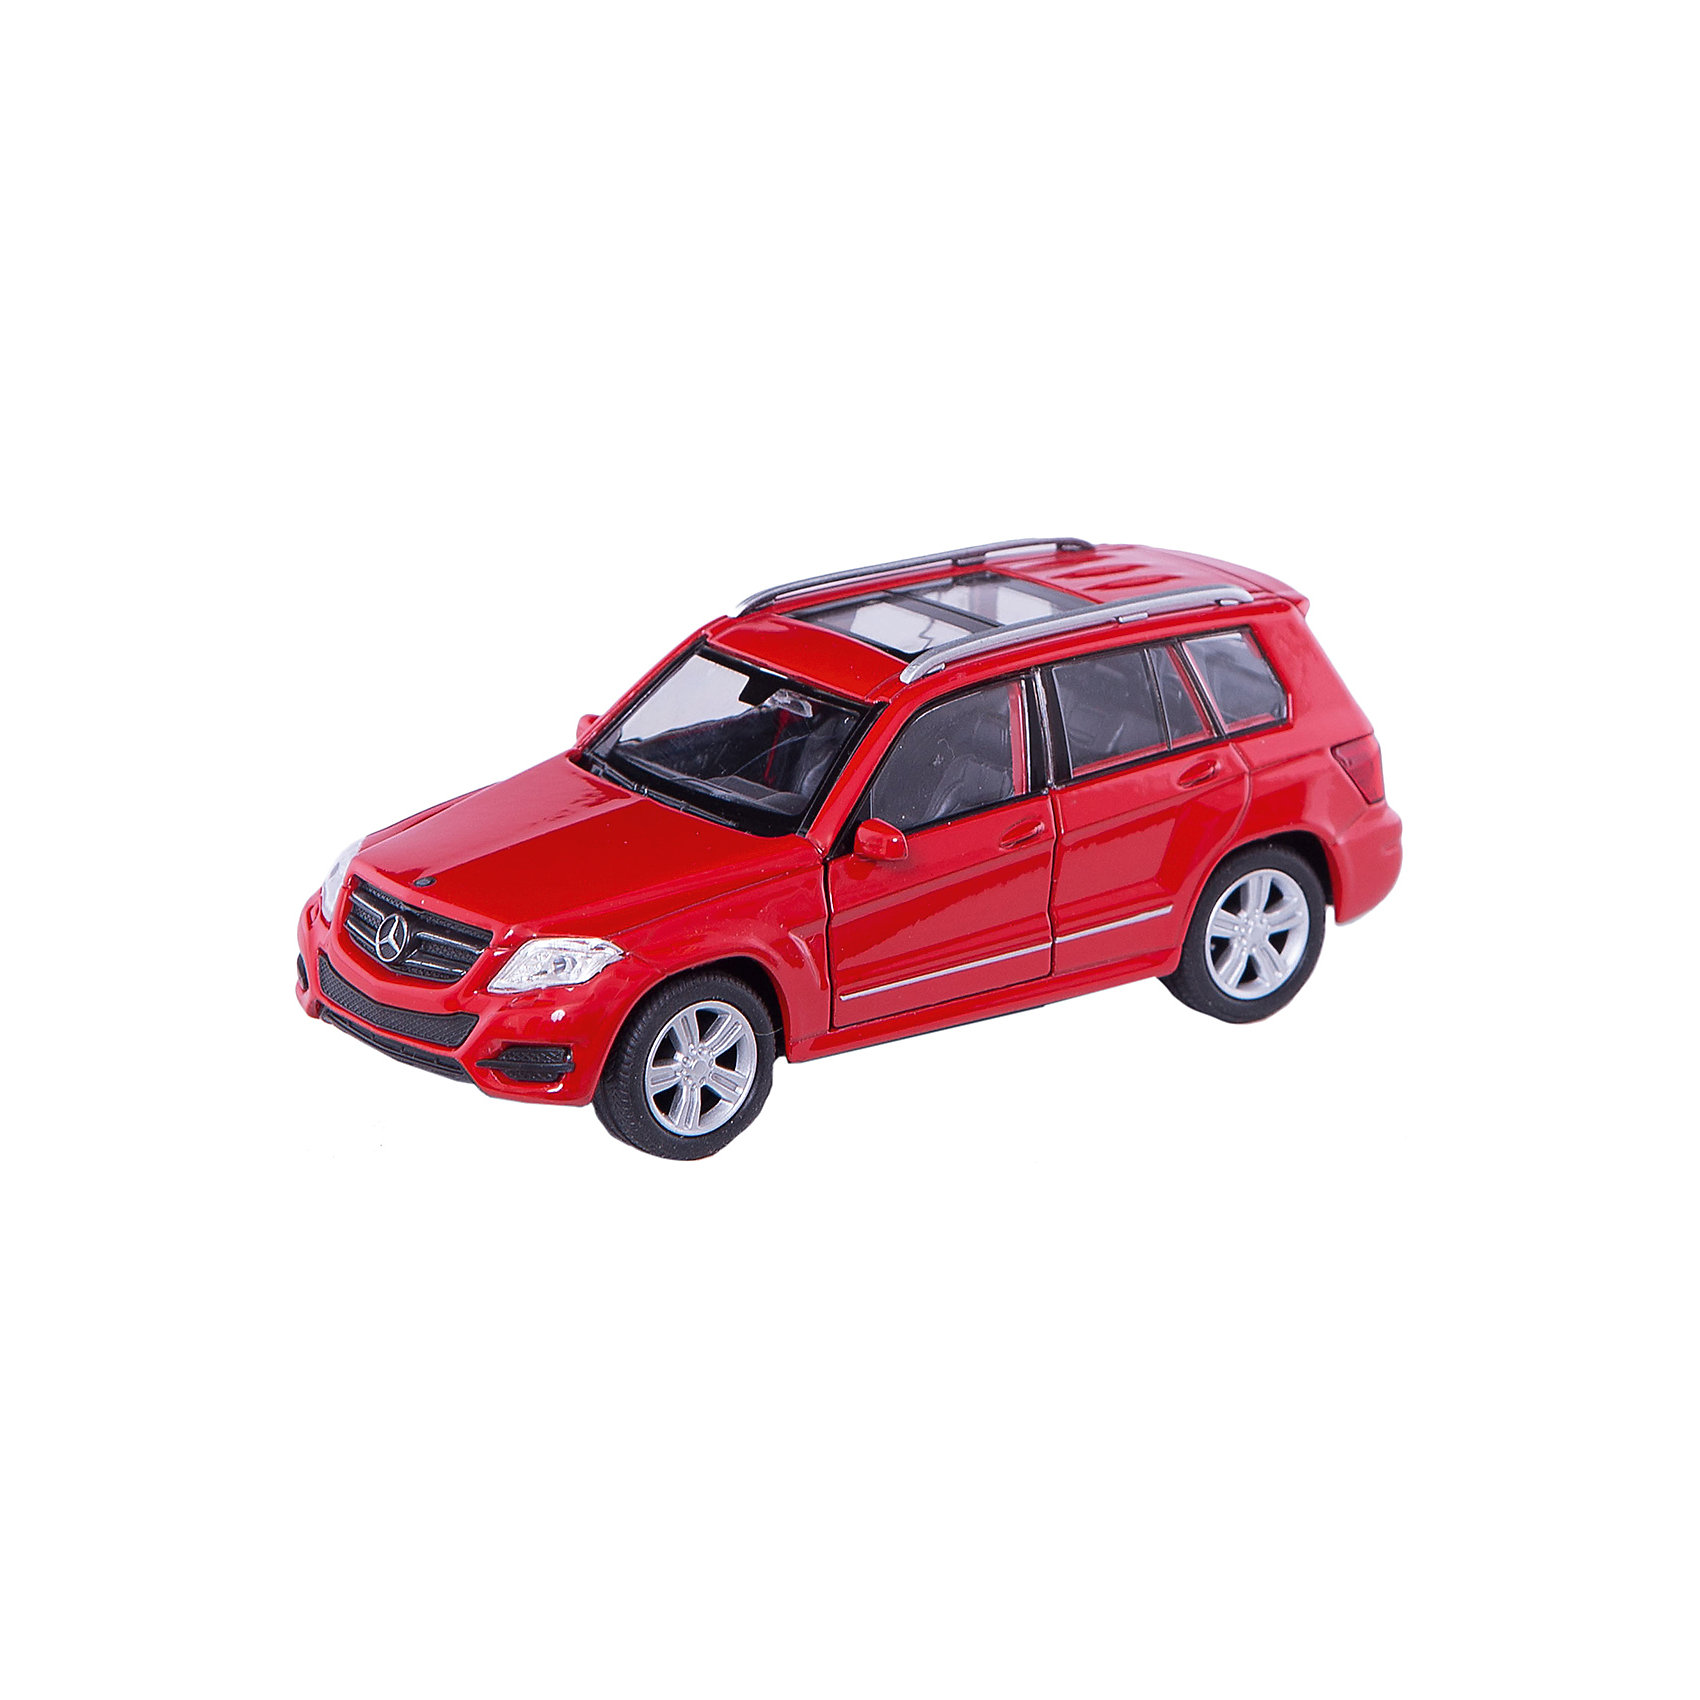 Модель машины 1:34-39 Mercedes-Benz GLK, WellyКоллекционные модели<br>Люксовый кроссовер Mercedes-Benz GLK в исполнении известного производителя детских игрушек Welly, порадует любого коллекционера масштабированных моделей автомобилей. Точная копия этого мерседеса выполнена в масштабе 1:34-39, цвет кузова представлен в ассортименте (без возможности выбора). В крыше автомобиля имеется прозрачный люк.<br><br>Ширина мм: 60<br>Глубина мм: 110<br>Высота мм: 150<br>Вес г: 170<br>Возраст от месяцев: 36<br>Возраст до месяцев: 192<br>Пол: Мужской<br>Возраст: Детский<br>SKU: 4966543